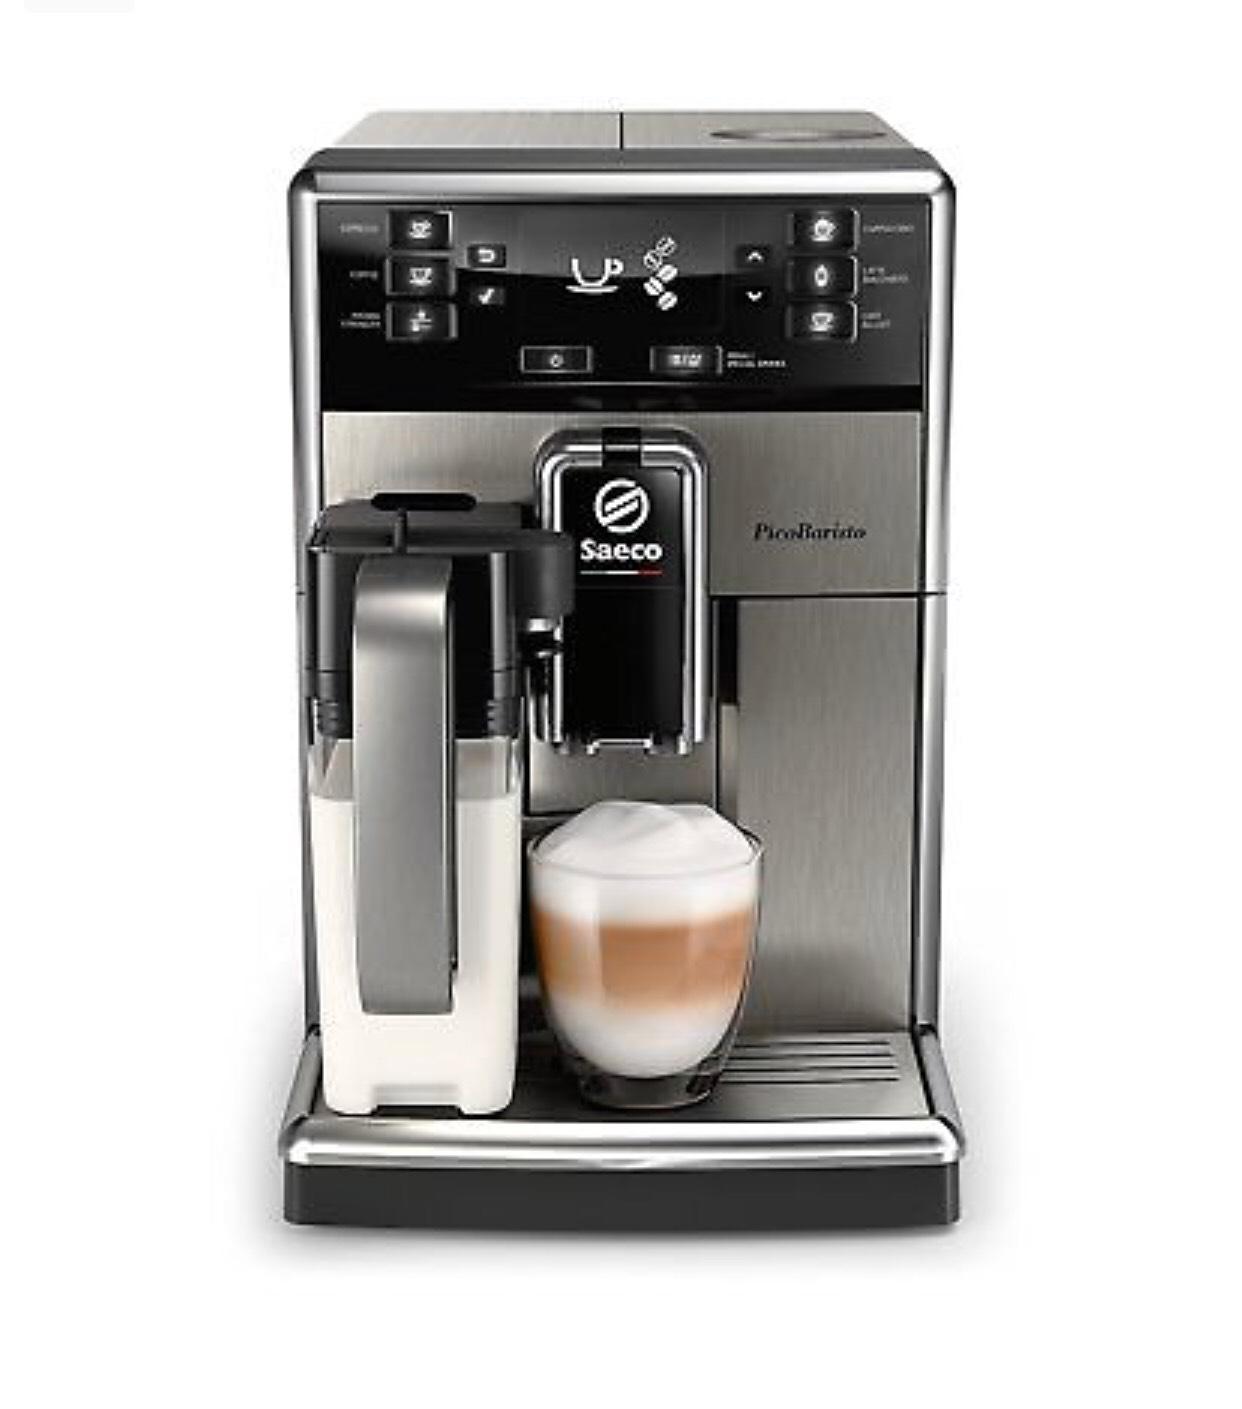 SAECO SM5473/10 PicoBaristo Kaffeevollautomat Maschine Edelstahl/Schwarz NEU nur bis 16 Uhr